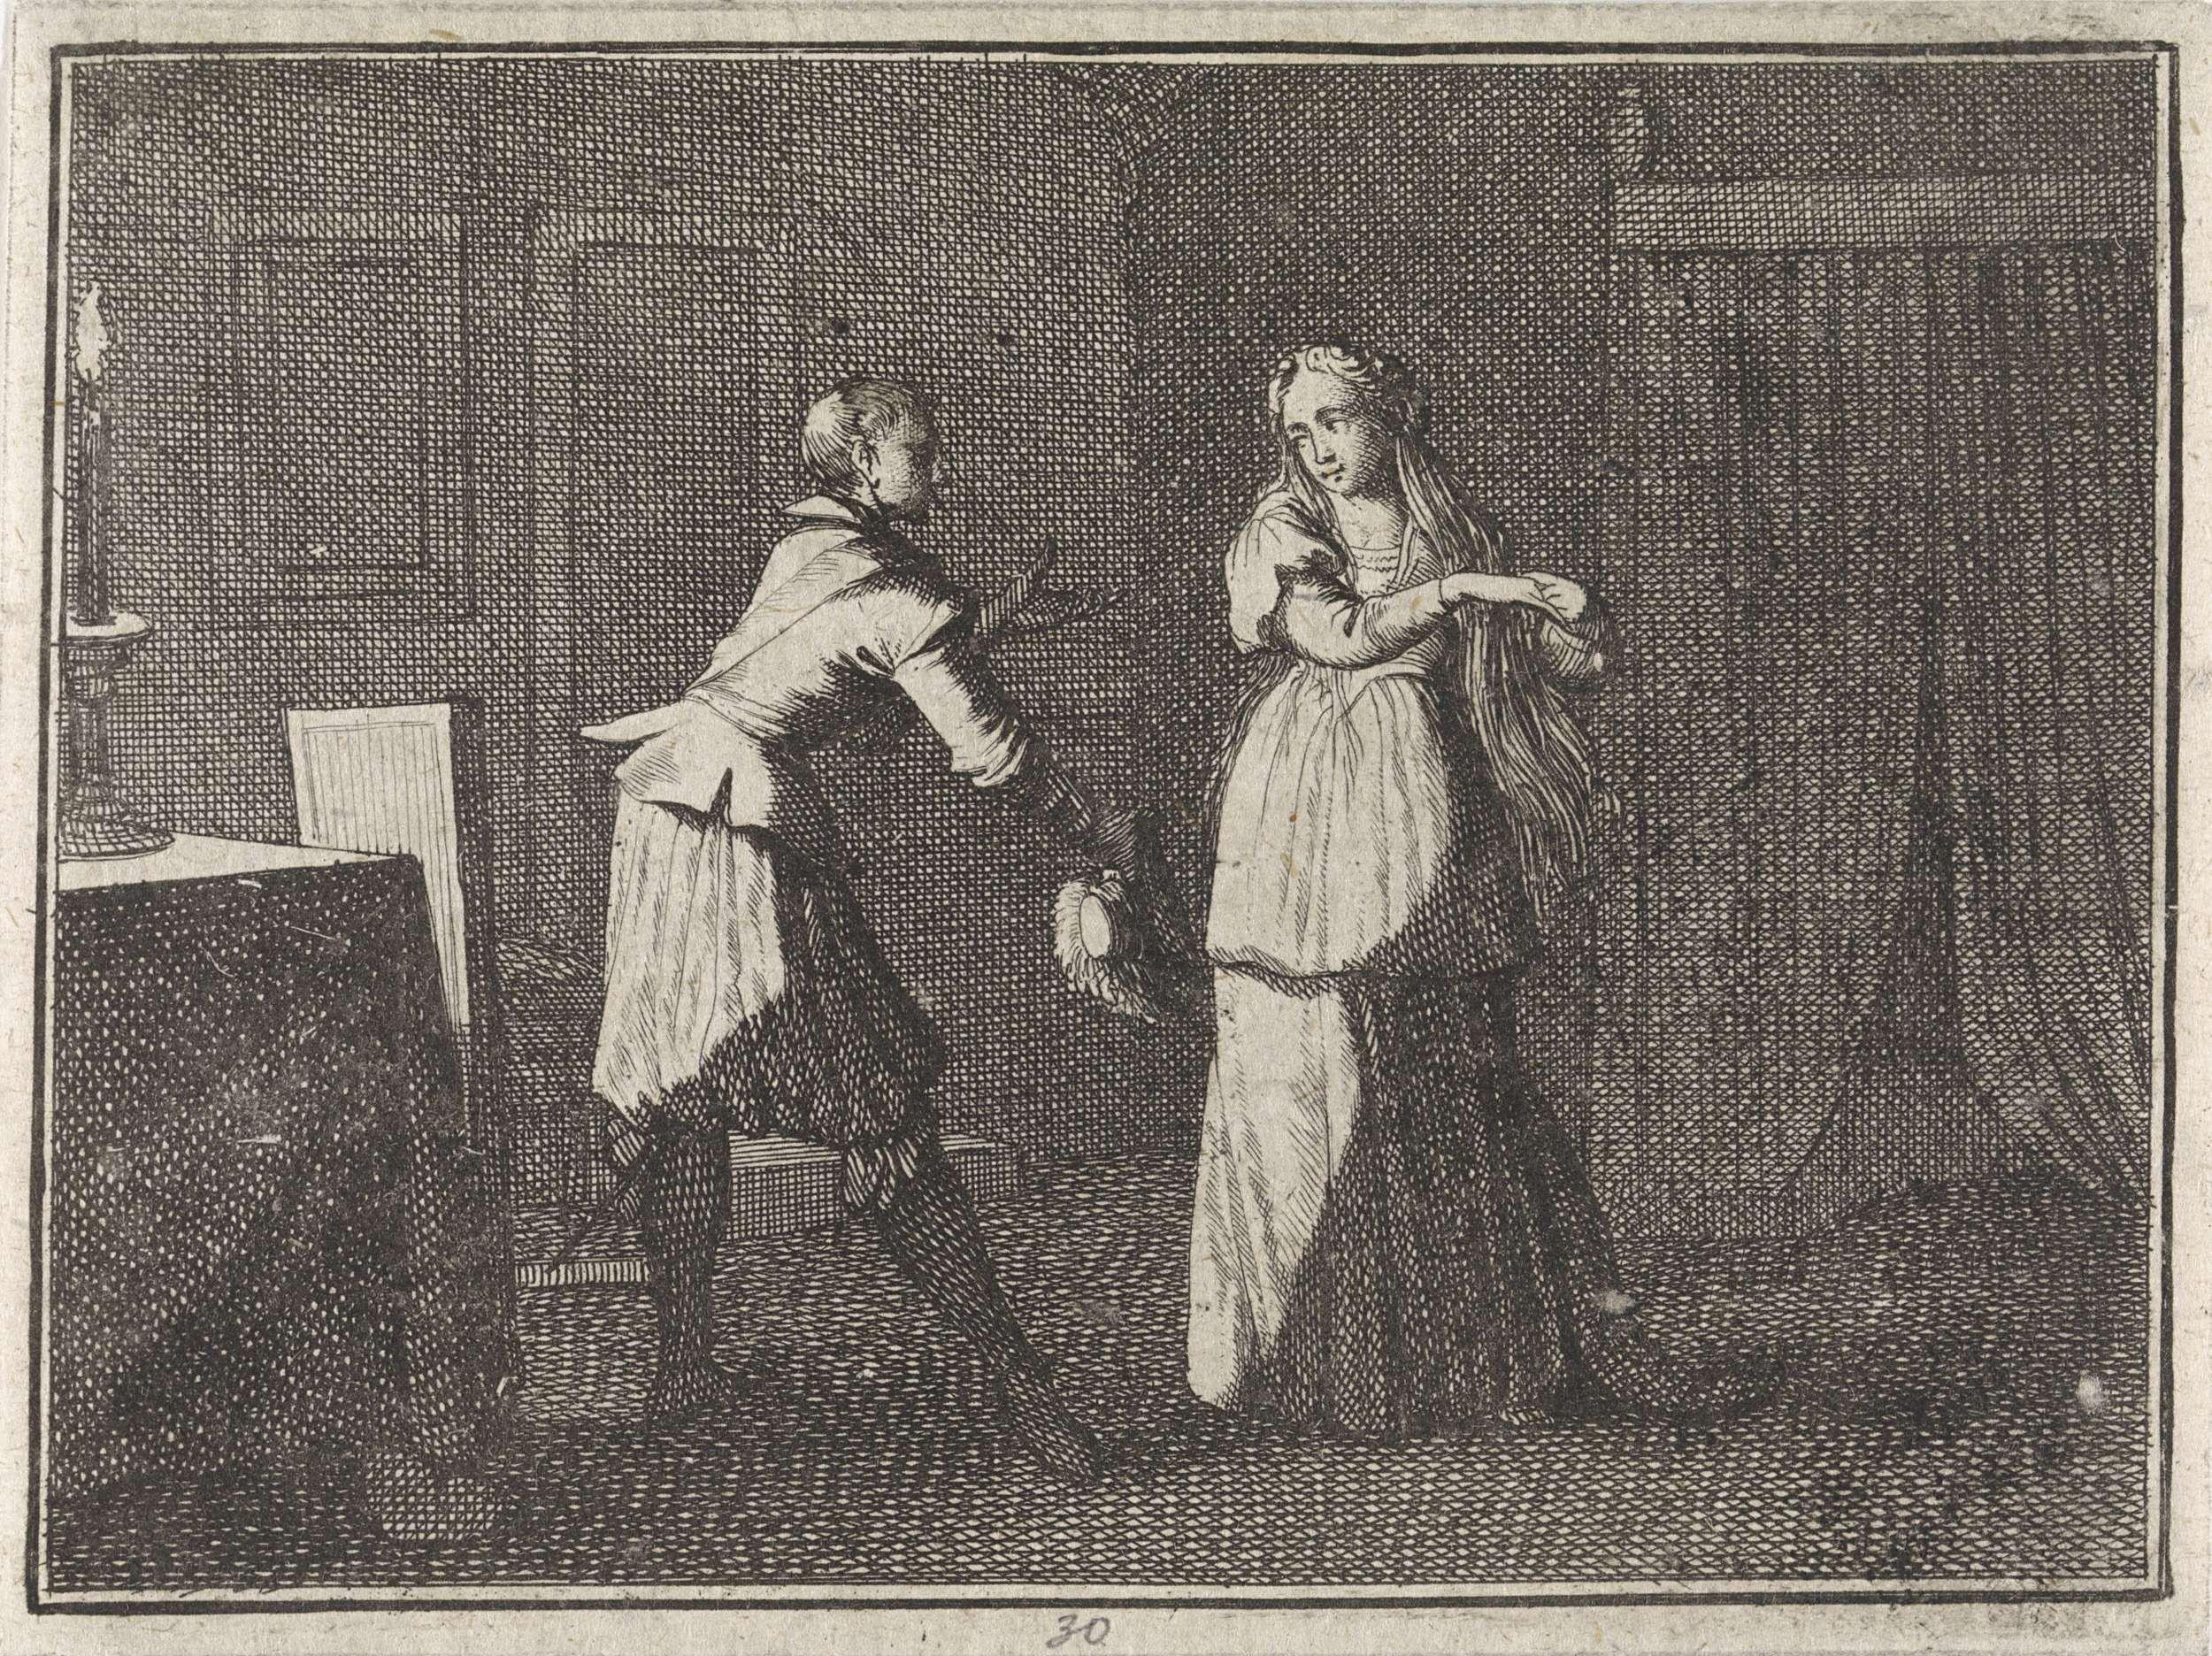 Caspar Luyken   Gesprek tussen een vrouw en een man bij kaarslicht, Caspar Luyken, Christoph Weigel, Frantz Martin Hertzen, 1710  